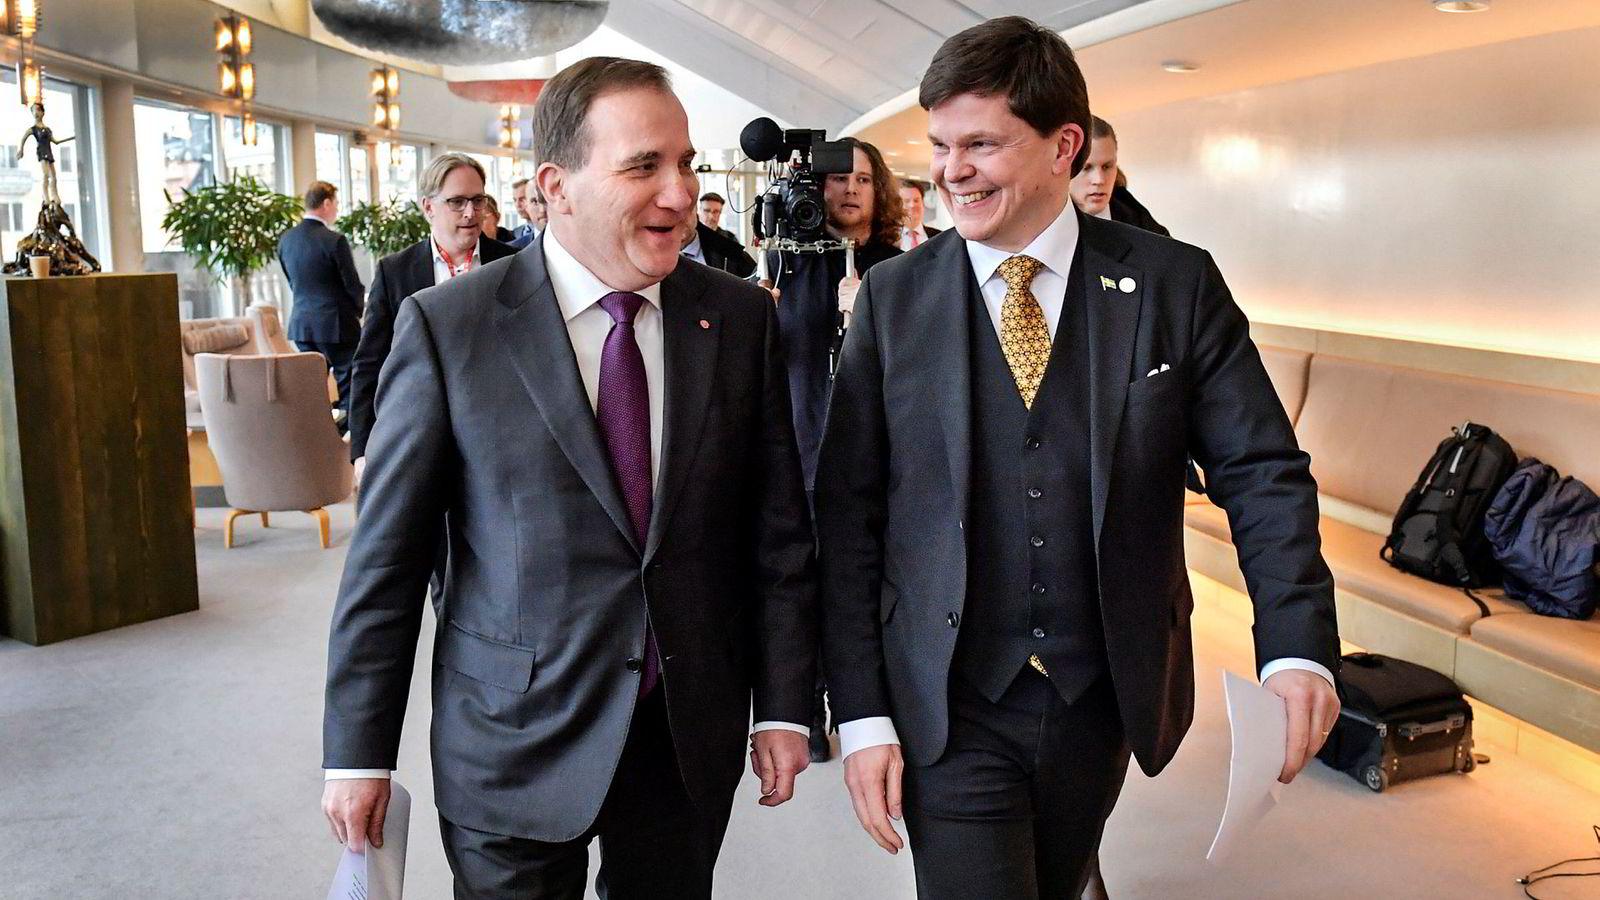 Sveriges statsminister Stefan Löfven (til venstre) får trolig fortsette i jobben. Her er han på vei inn i Riksdagens pressesenter onsdag sammen med Riksdagens talsmann Andreas Norlén.